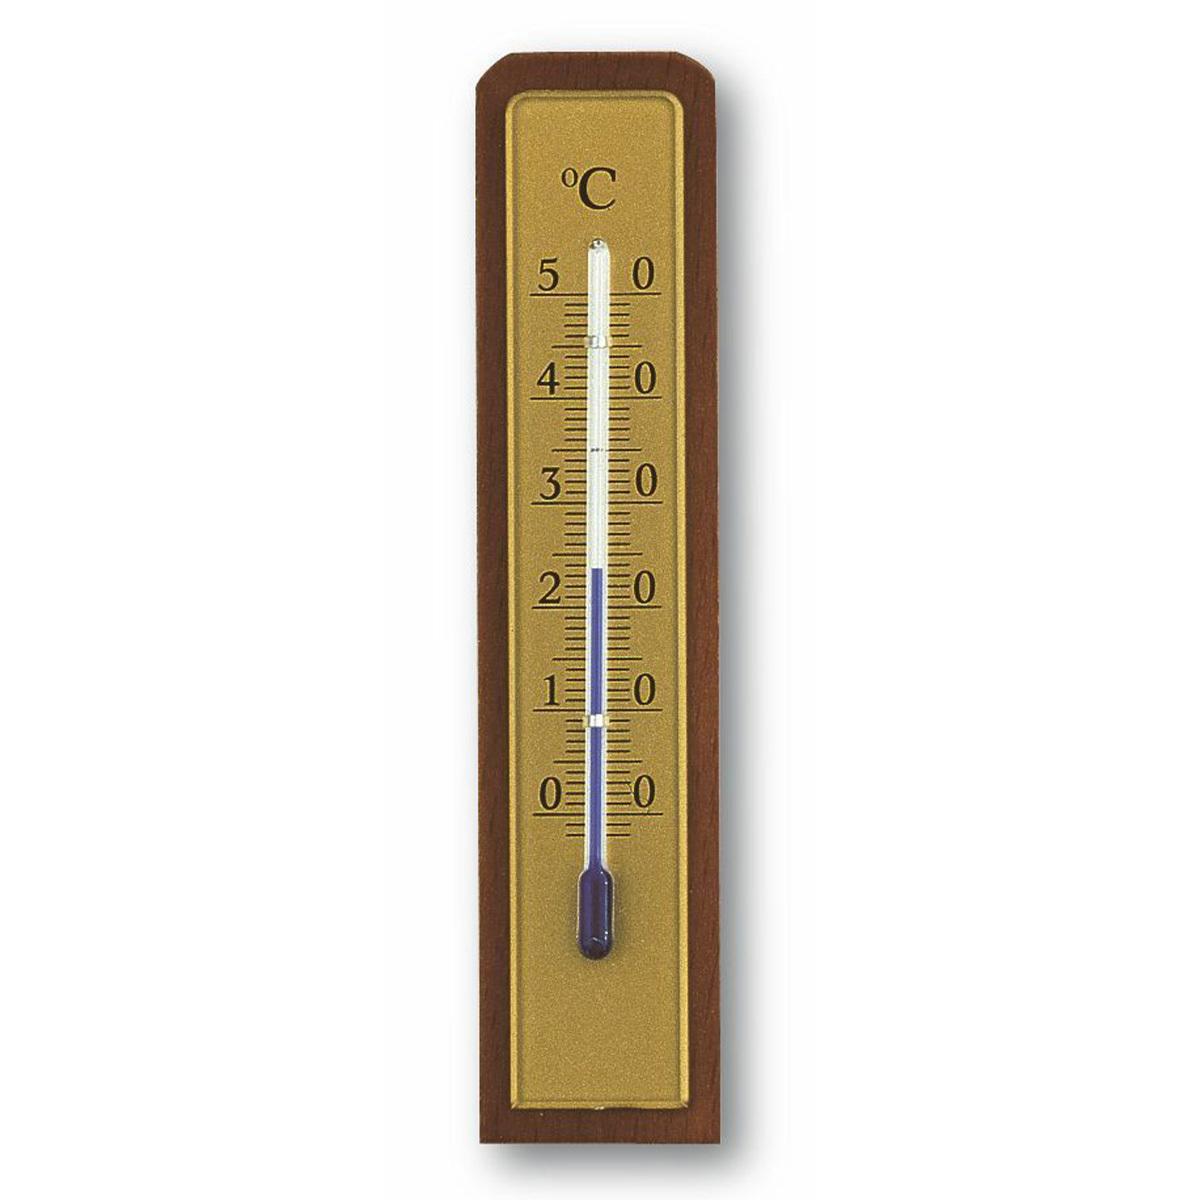 12-1009-analoges-innnenthermometer-nussbaum-1200x1200px.jpg